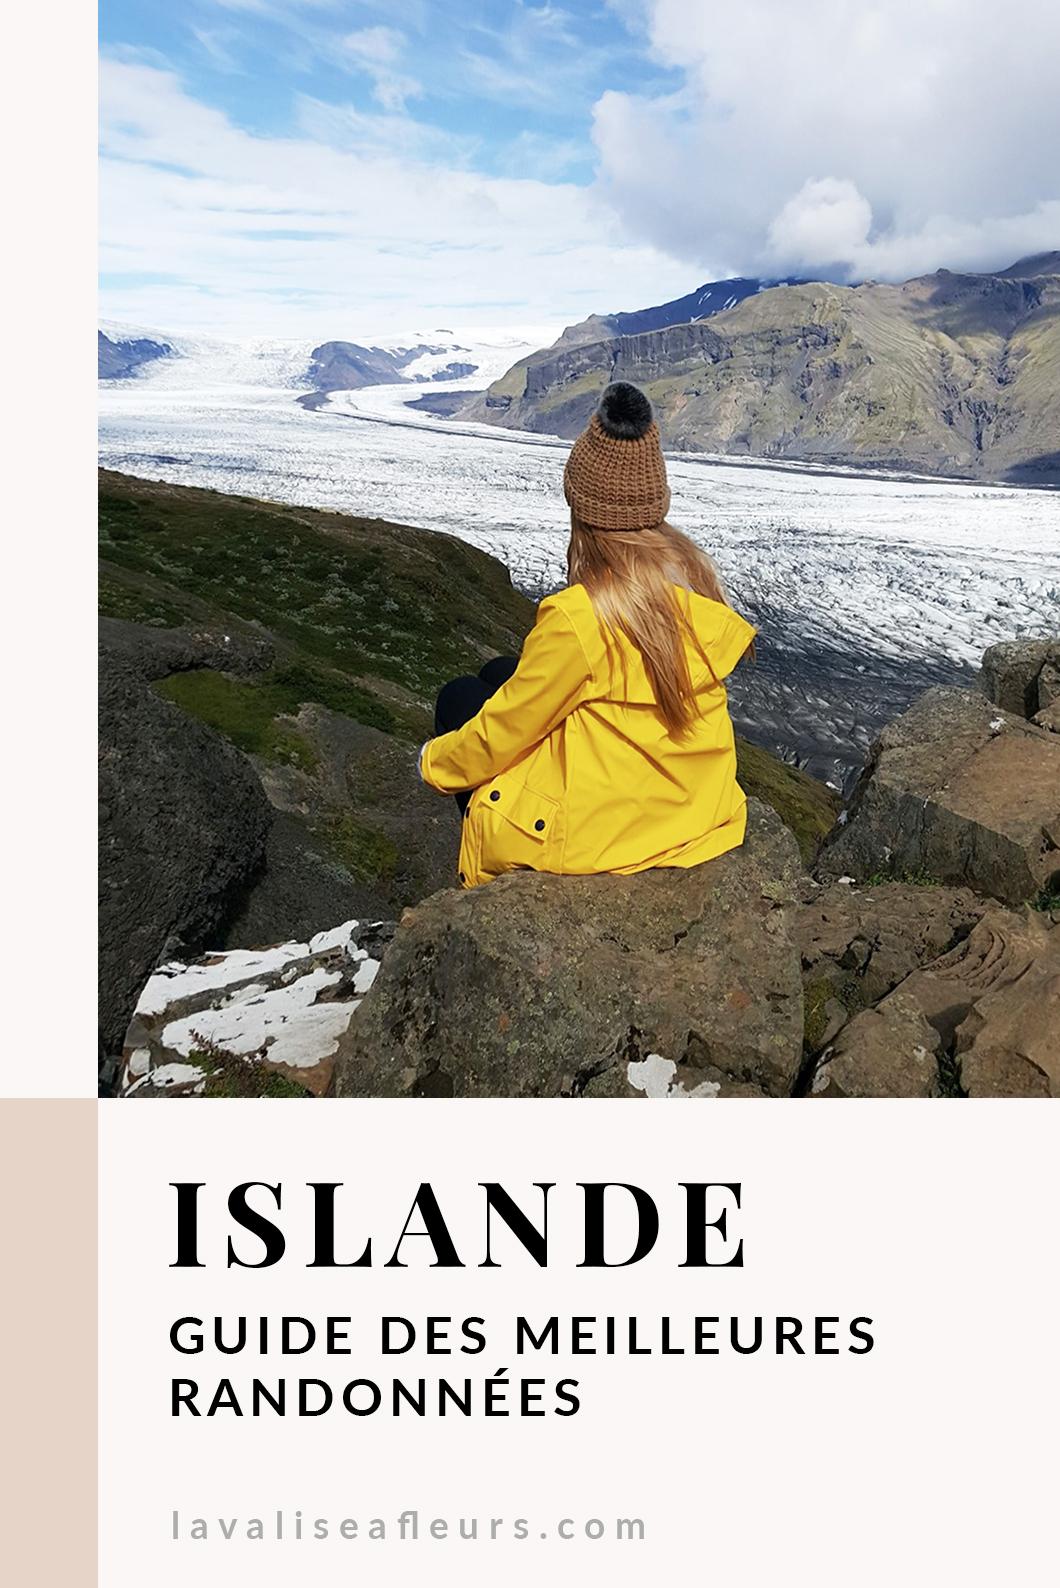 Guide des meilleures rando en Islande